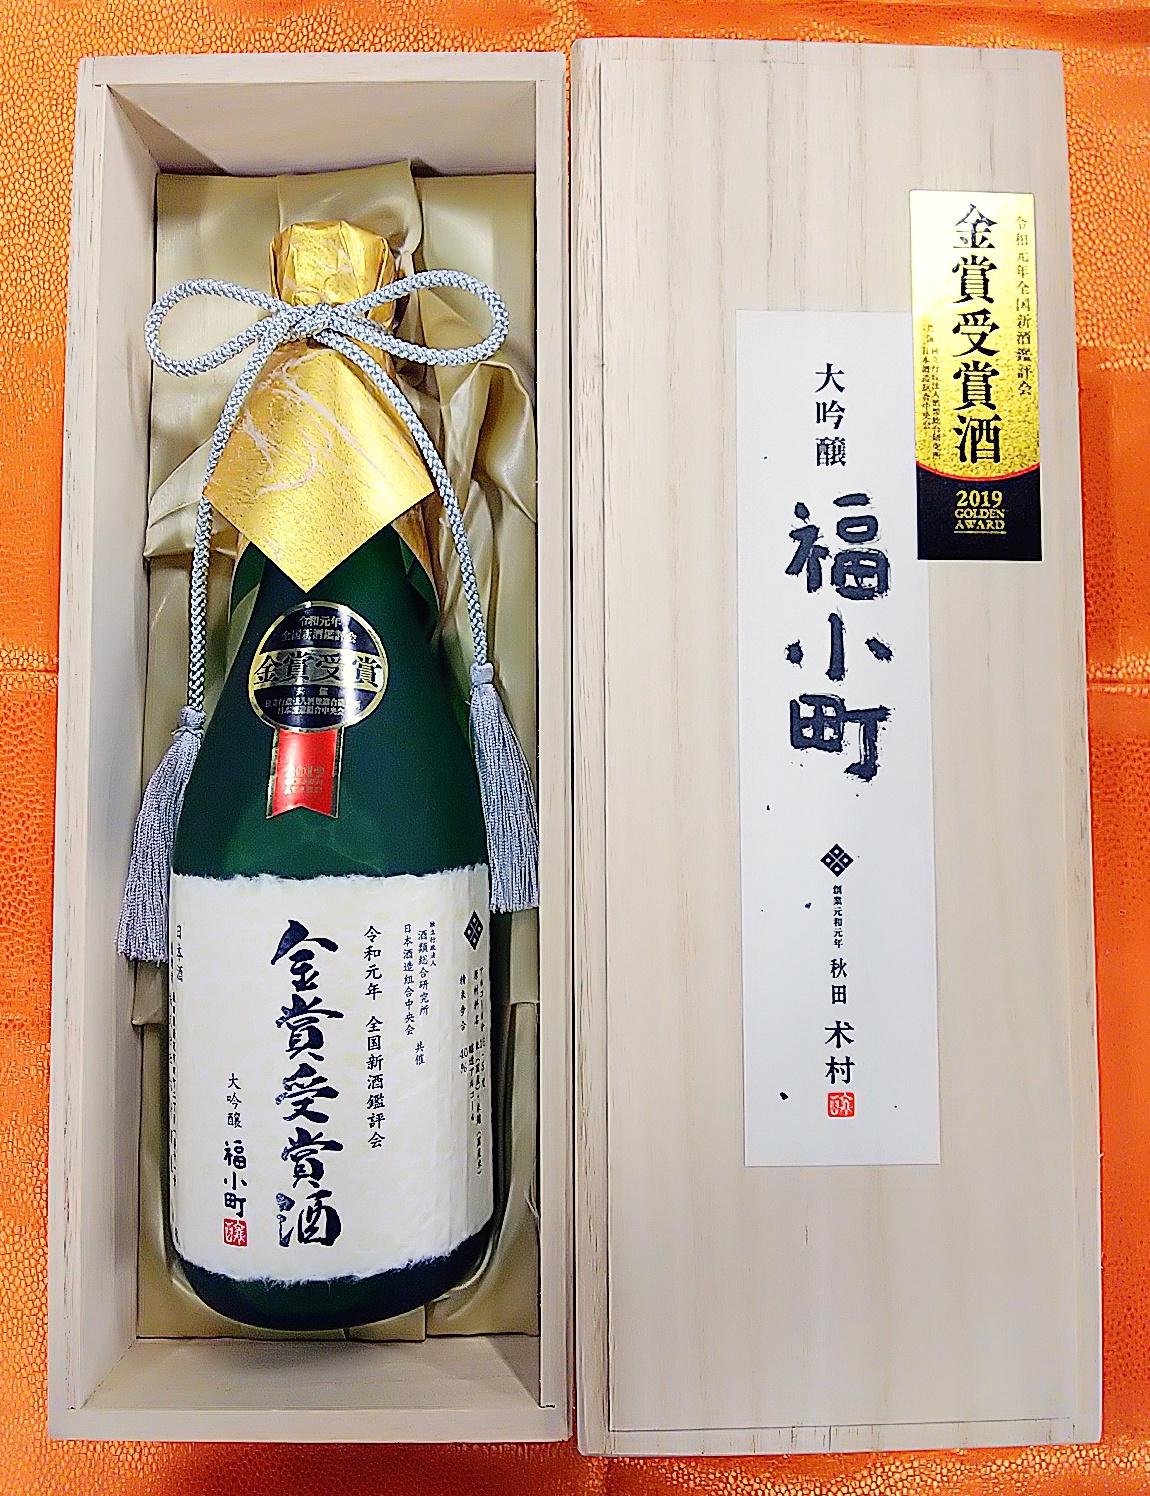 【数量限定!】大吟醸 福小町 金賞受賞酒 (720ml)